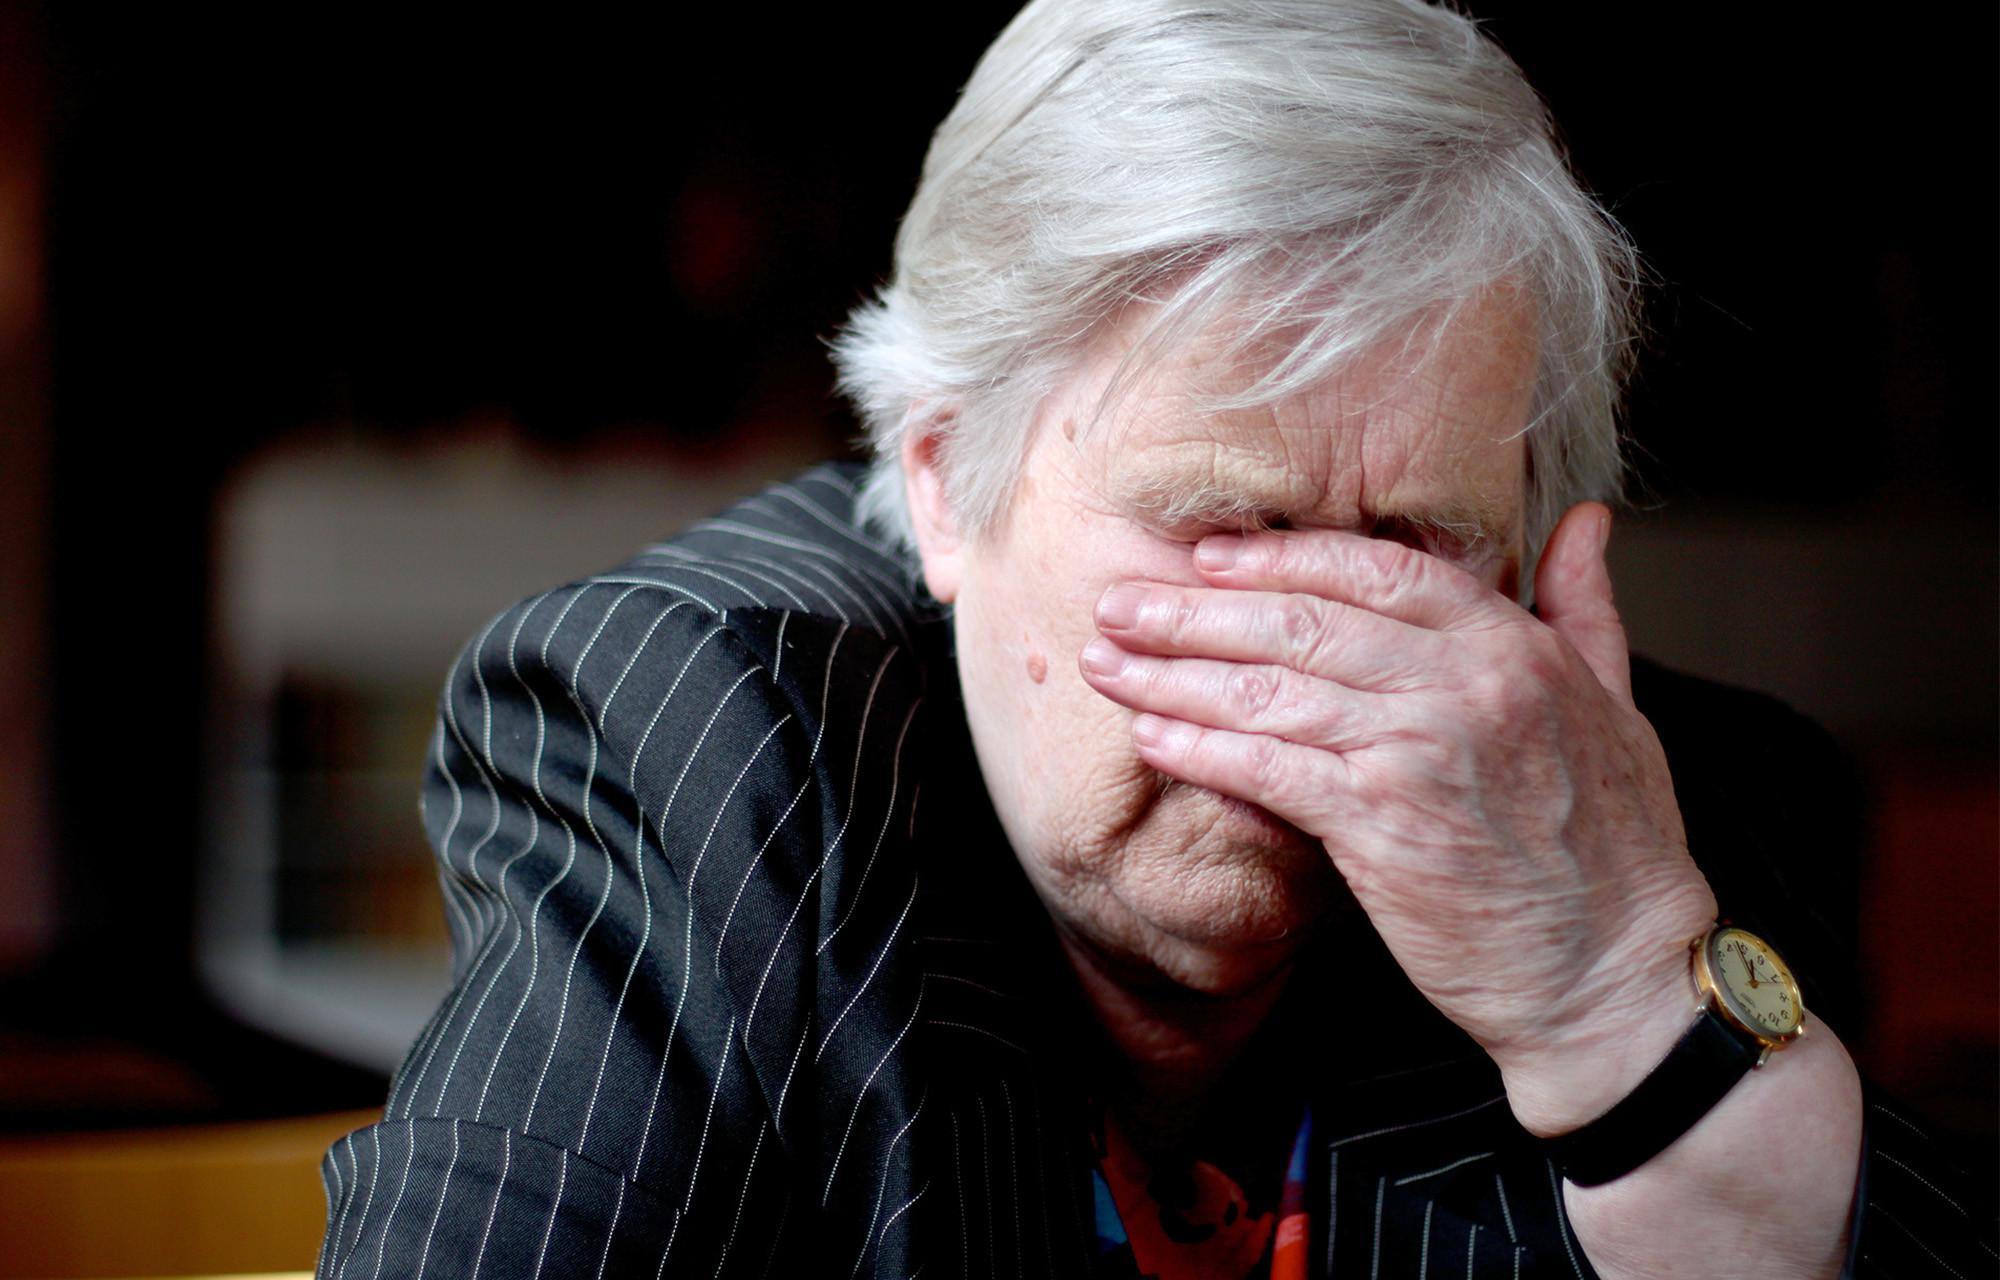 Ранги вместо баллов: что приготовили для пенсионеров - новости Афанасий